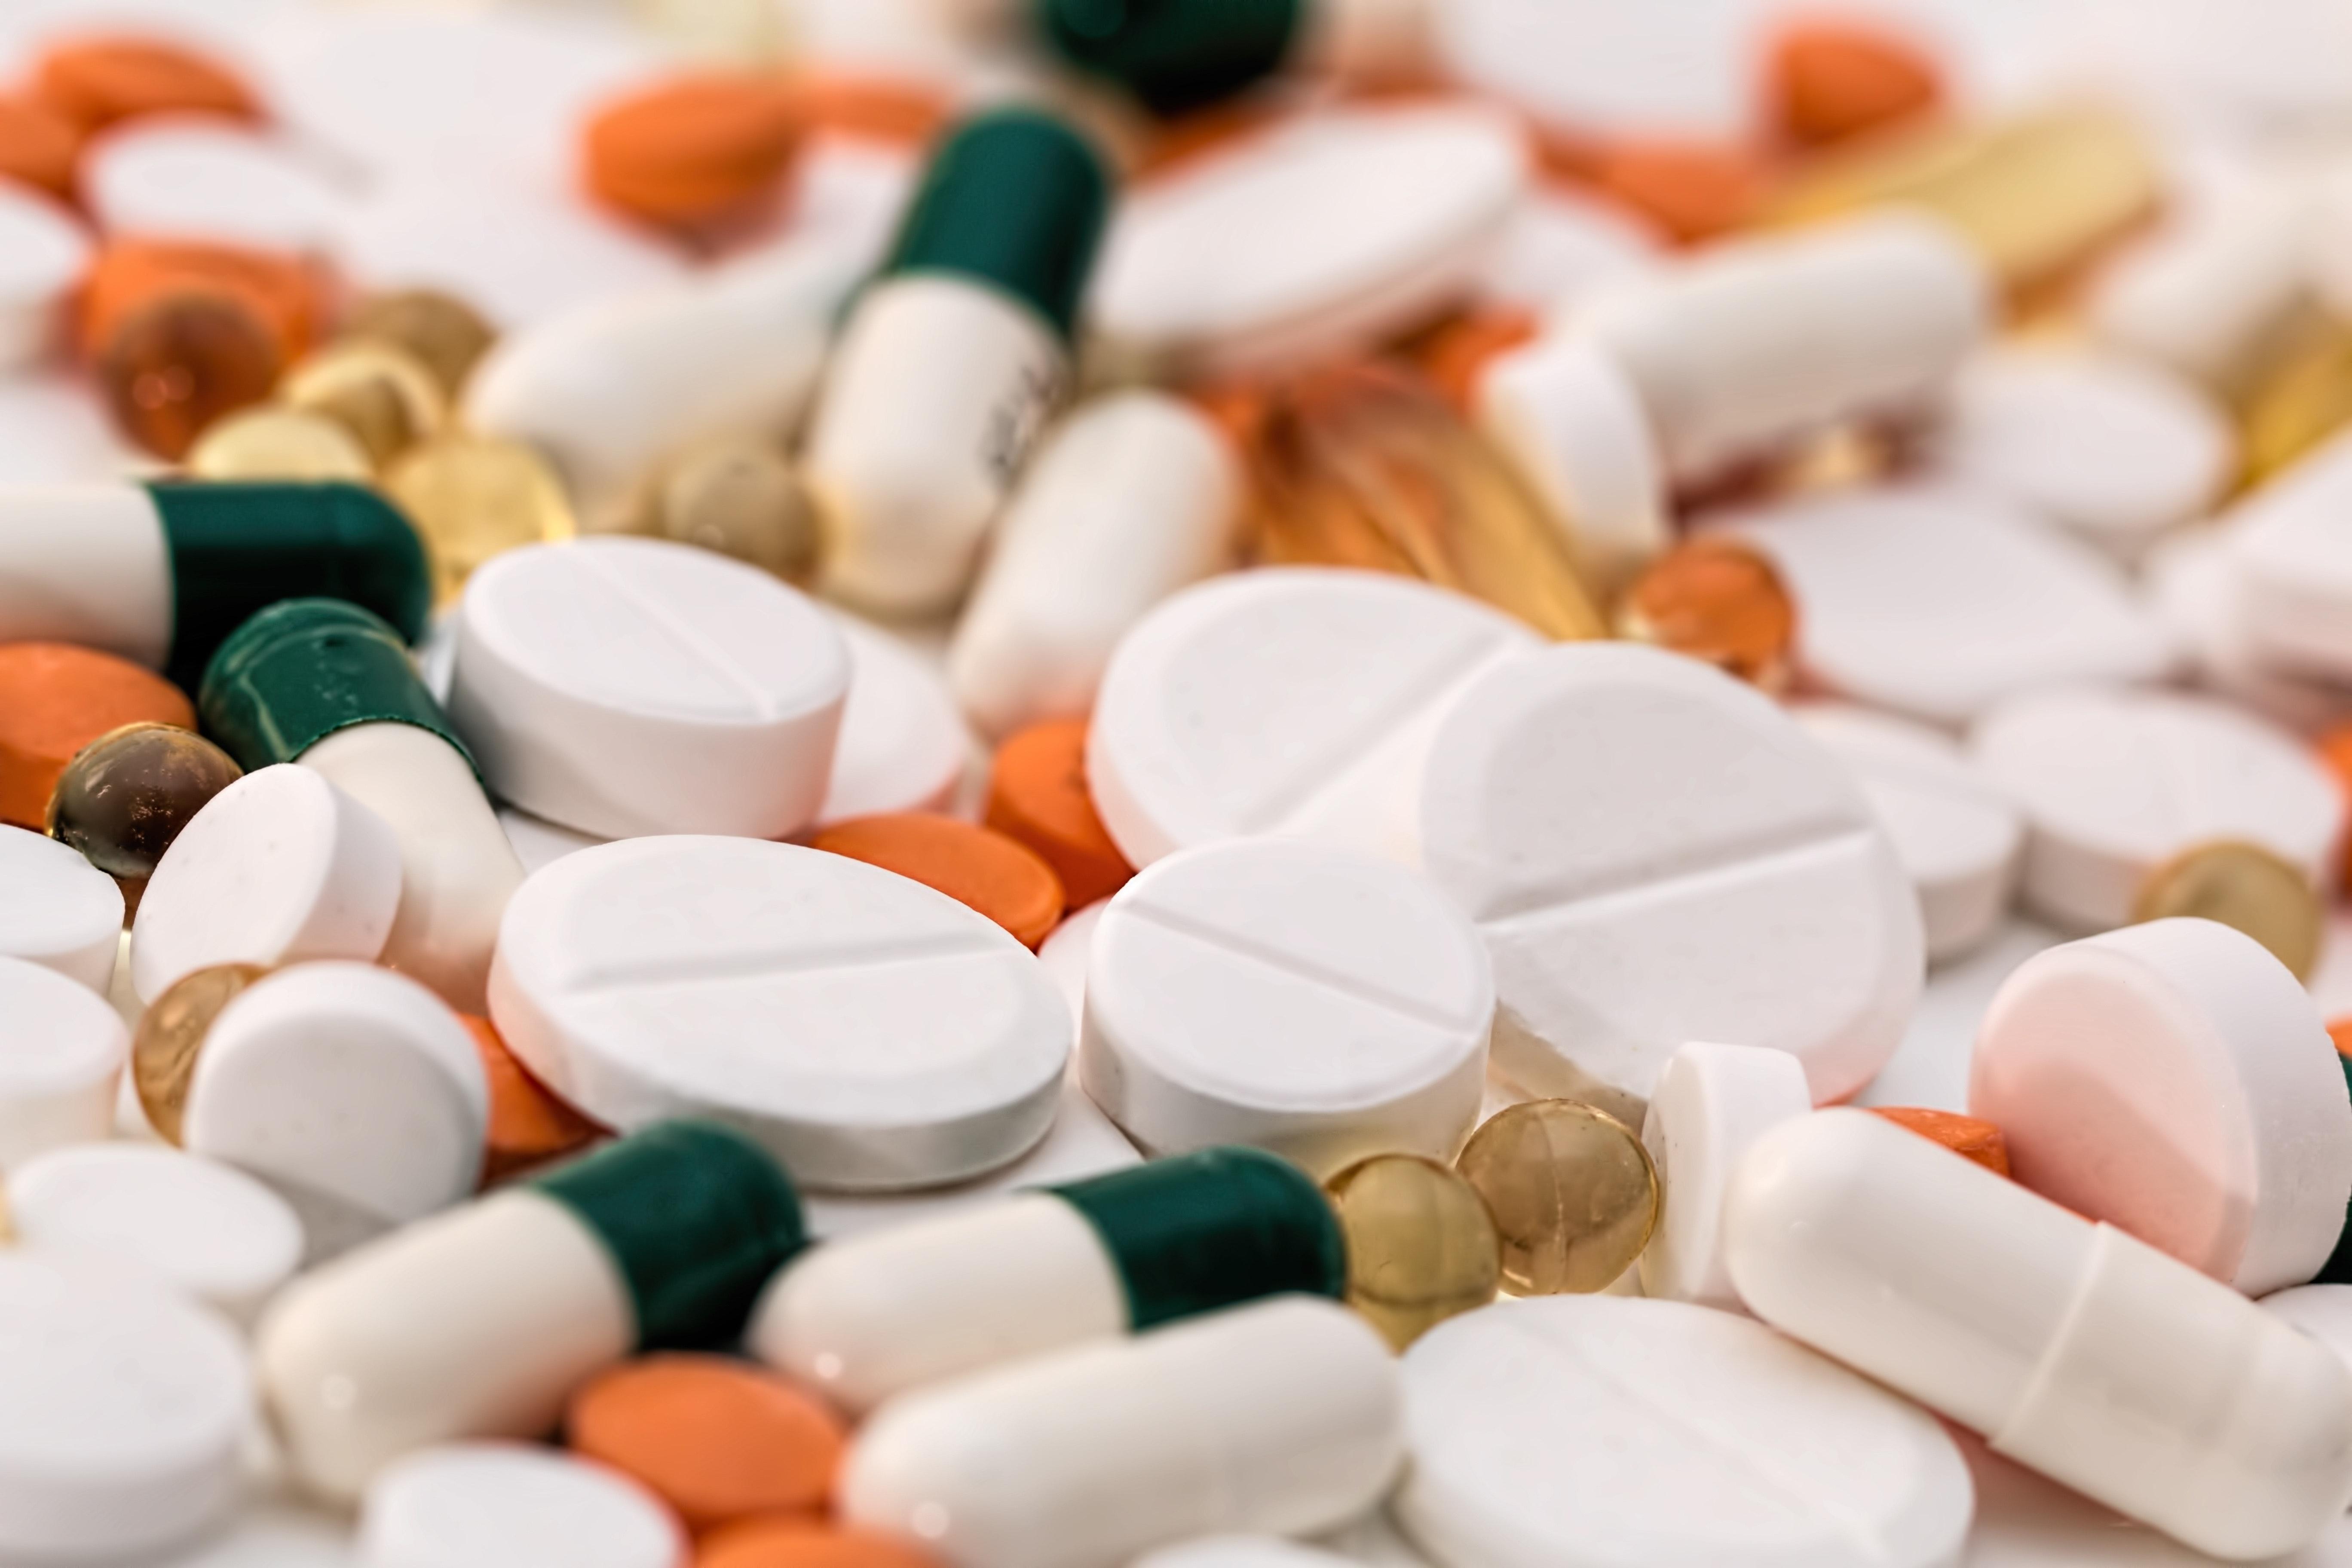 hol lehet vásárolni drogos gyógyszert férgek készítményei 3 éves kortól gyermekek számára